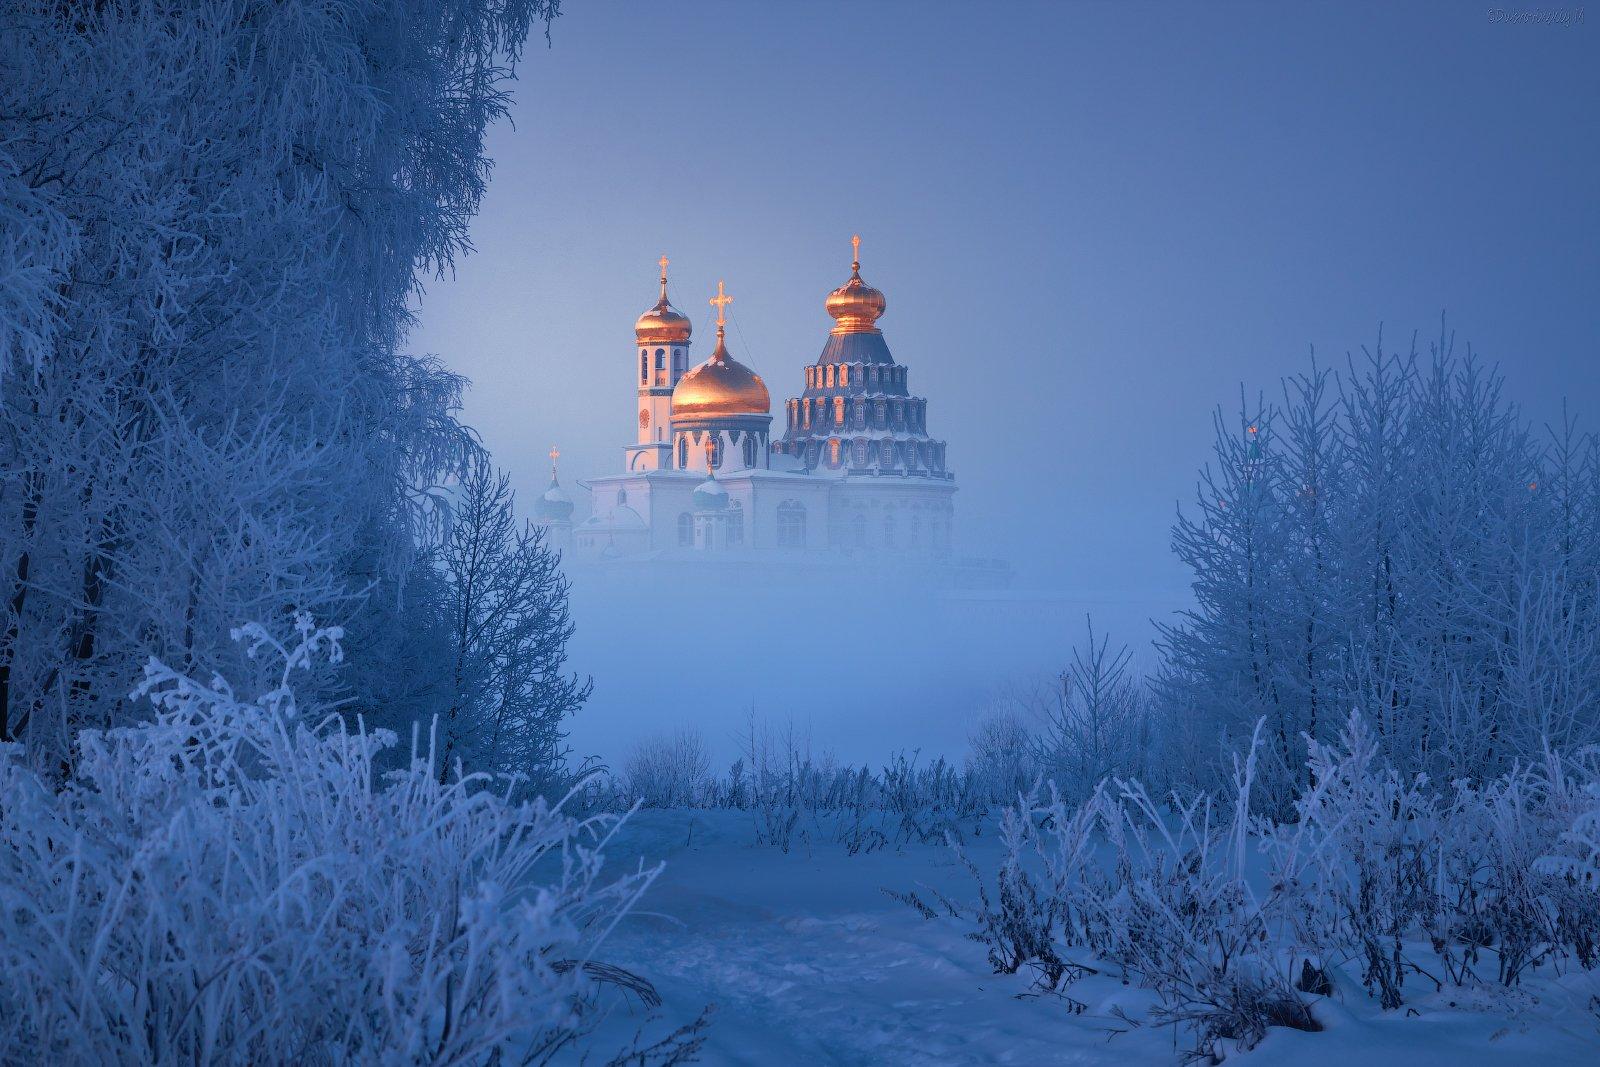 истра, новоиерусалимский монастырь, мороз, иней, туман, Дубровинский Михаил